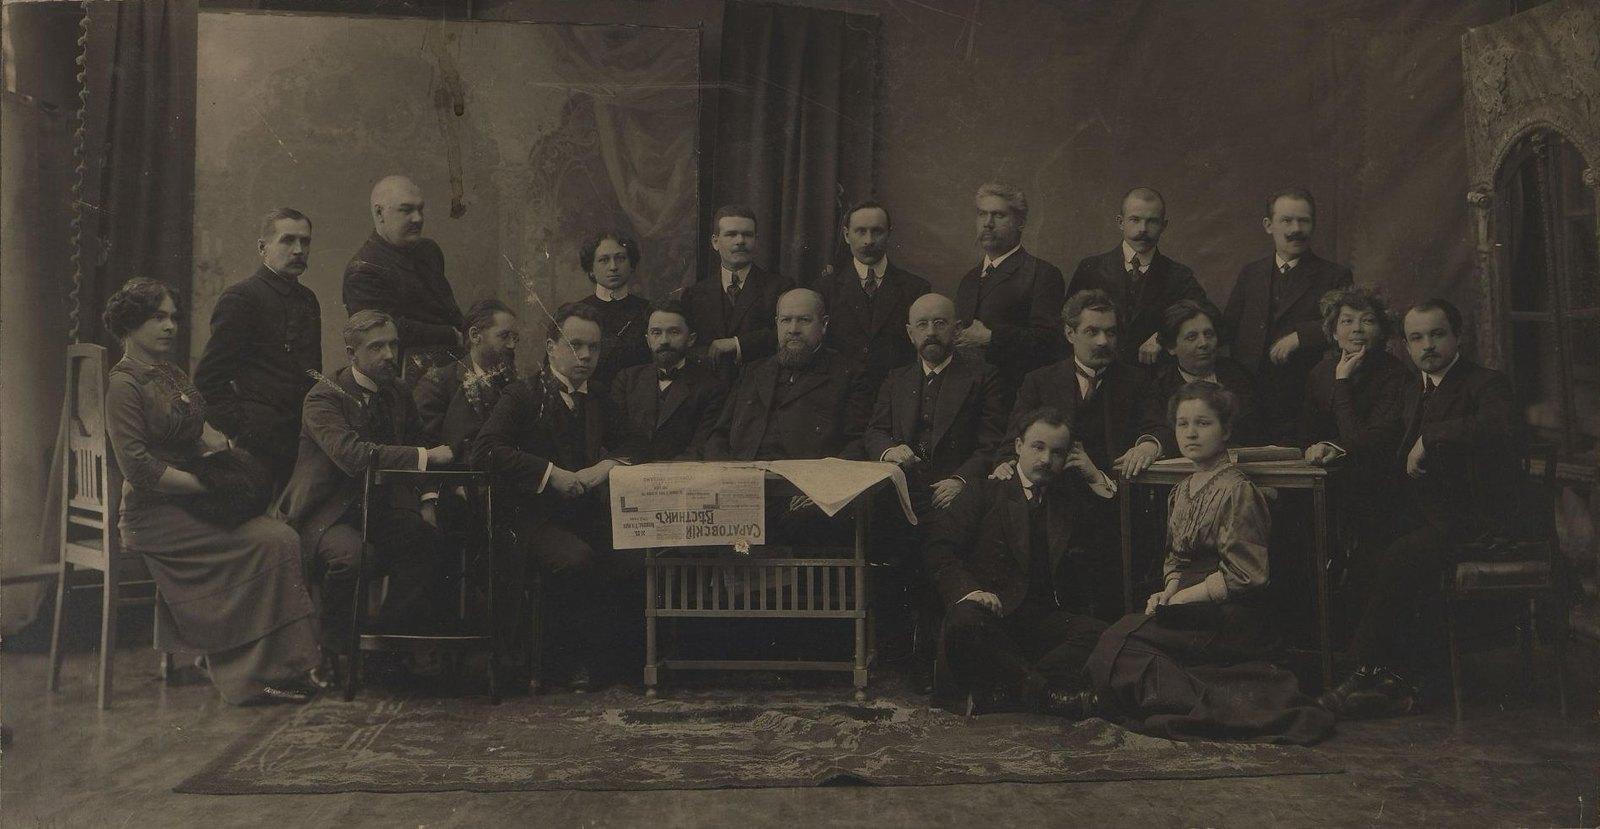 1912. Издатель, редакция и сотрудники газеты «Саратовский вестник»1